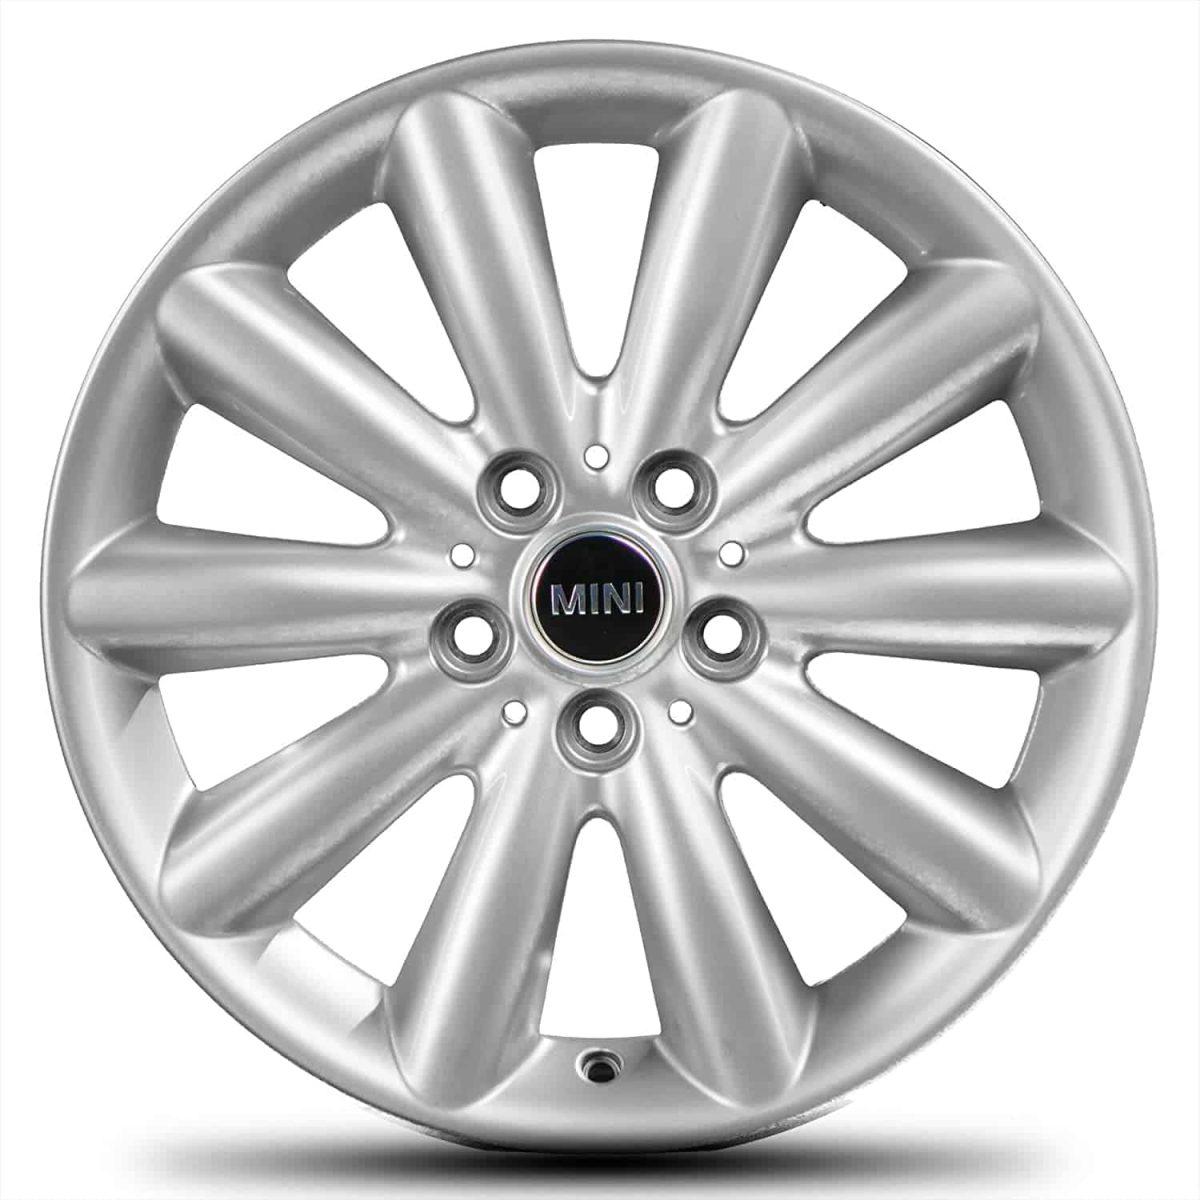 """Genuine Mini Cooper F55 F56 F57 499 Cosmos Spoke 17"""" inch Alloy Wheels with Silver Finish 36116855108"""